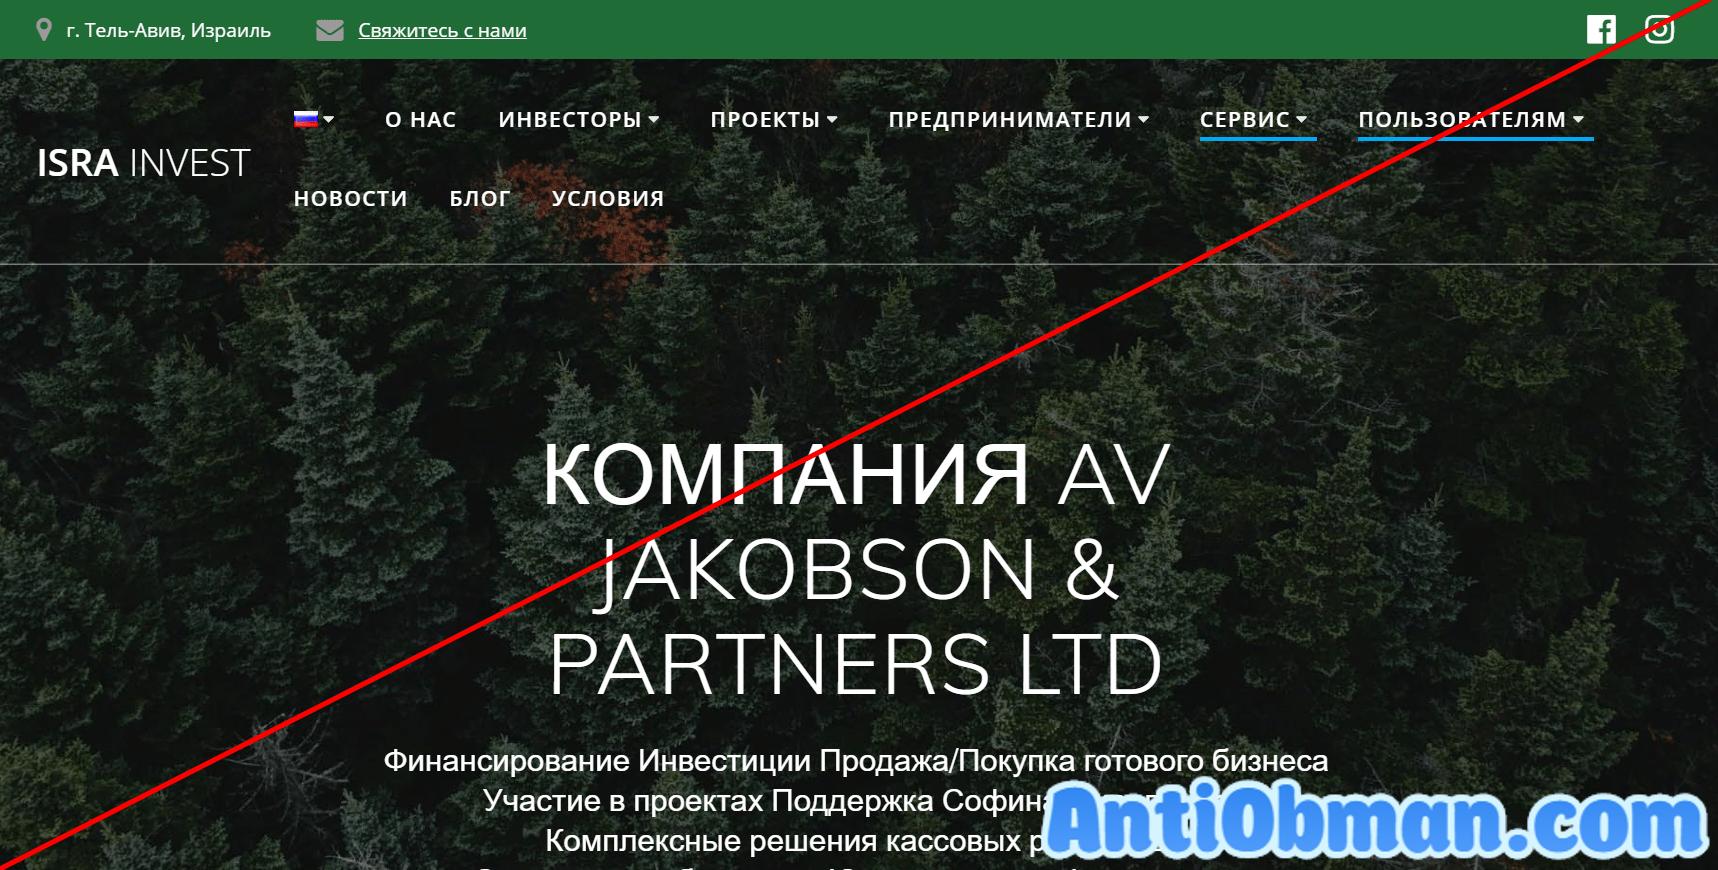 AV JAKOBSON & PARTNERS LTD